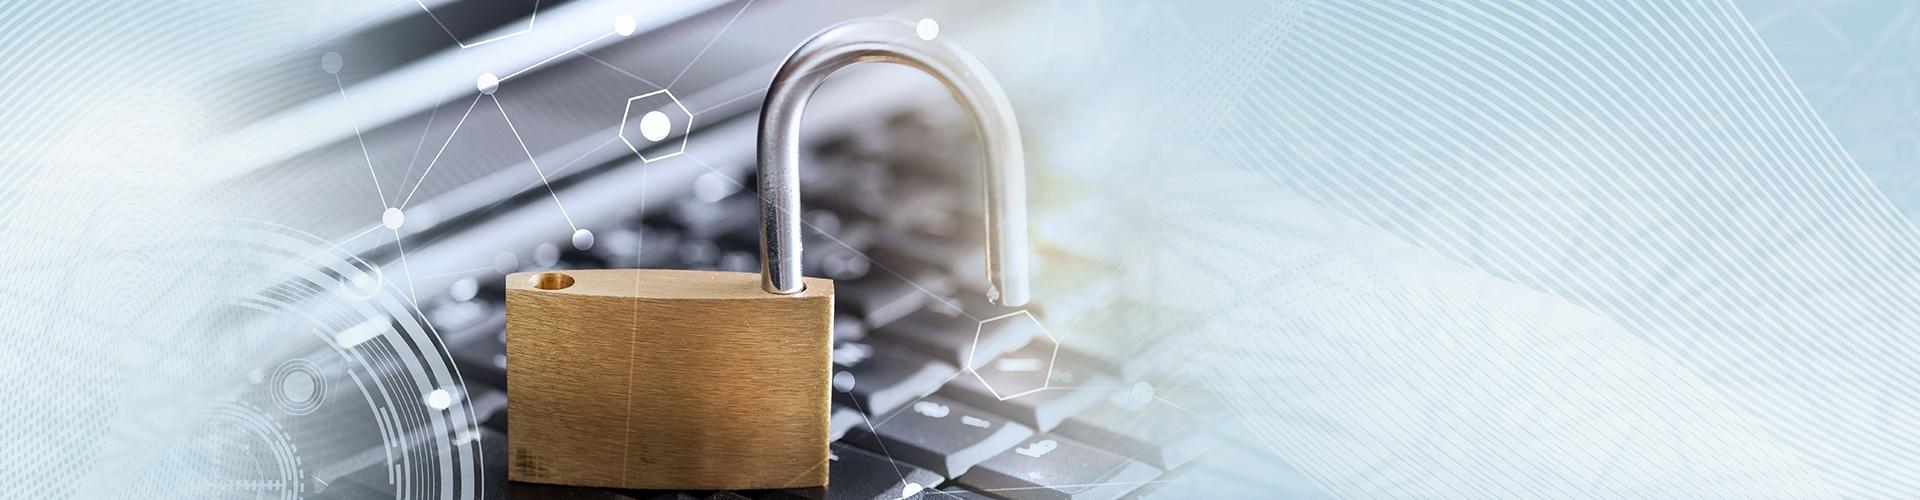 Datenschutz - Vorhängeschloss auf Tastatur © thodonal, stock.adobe.com